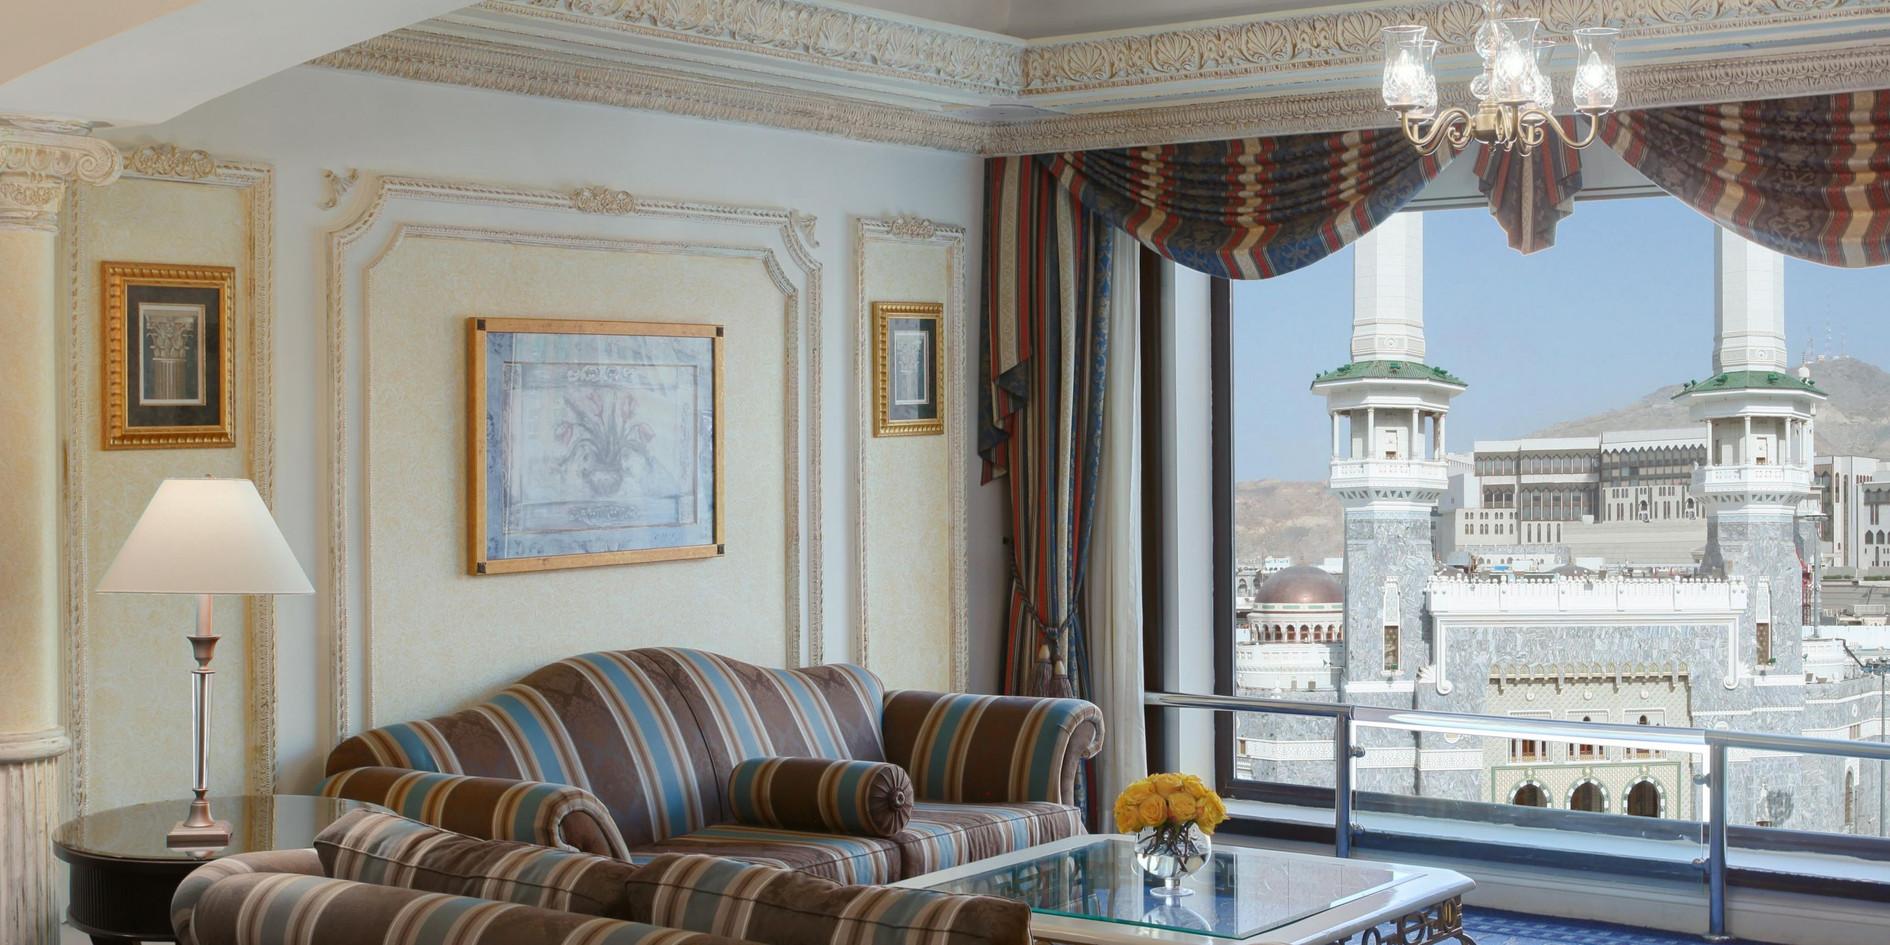 intercontinental-makkah-4068425212-2x1.j